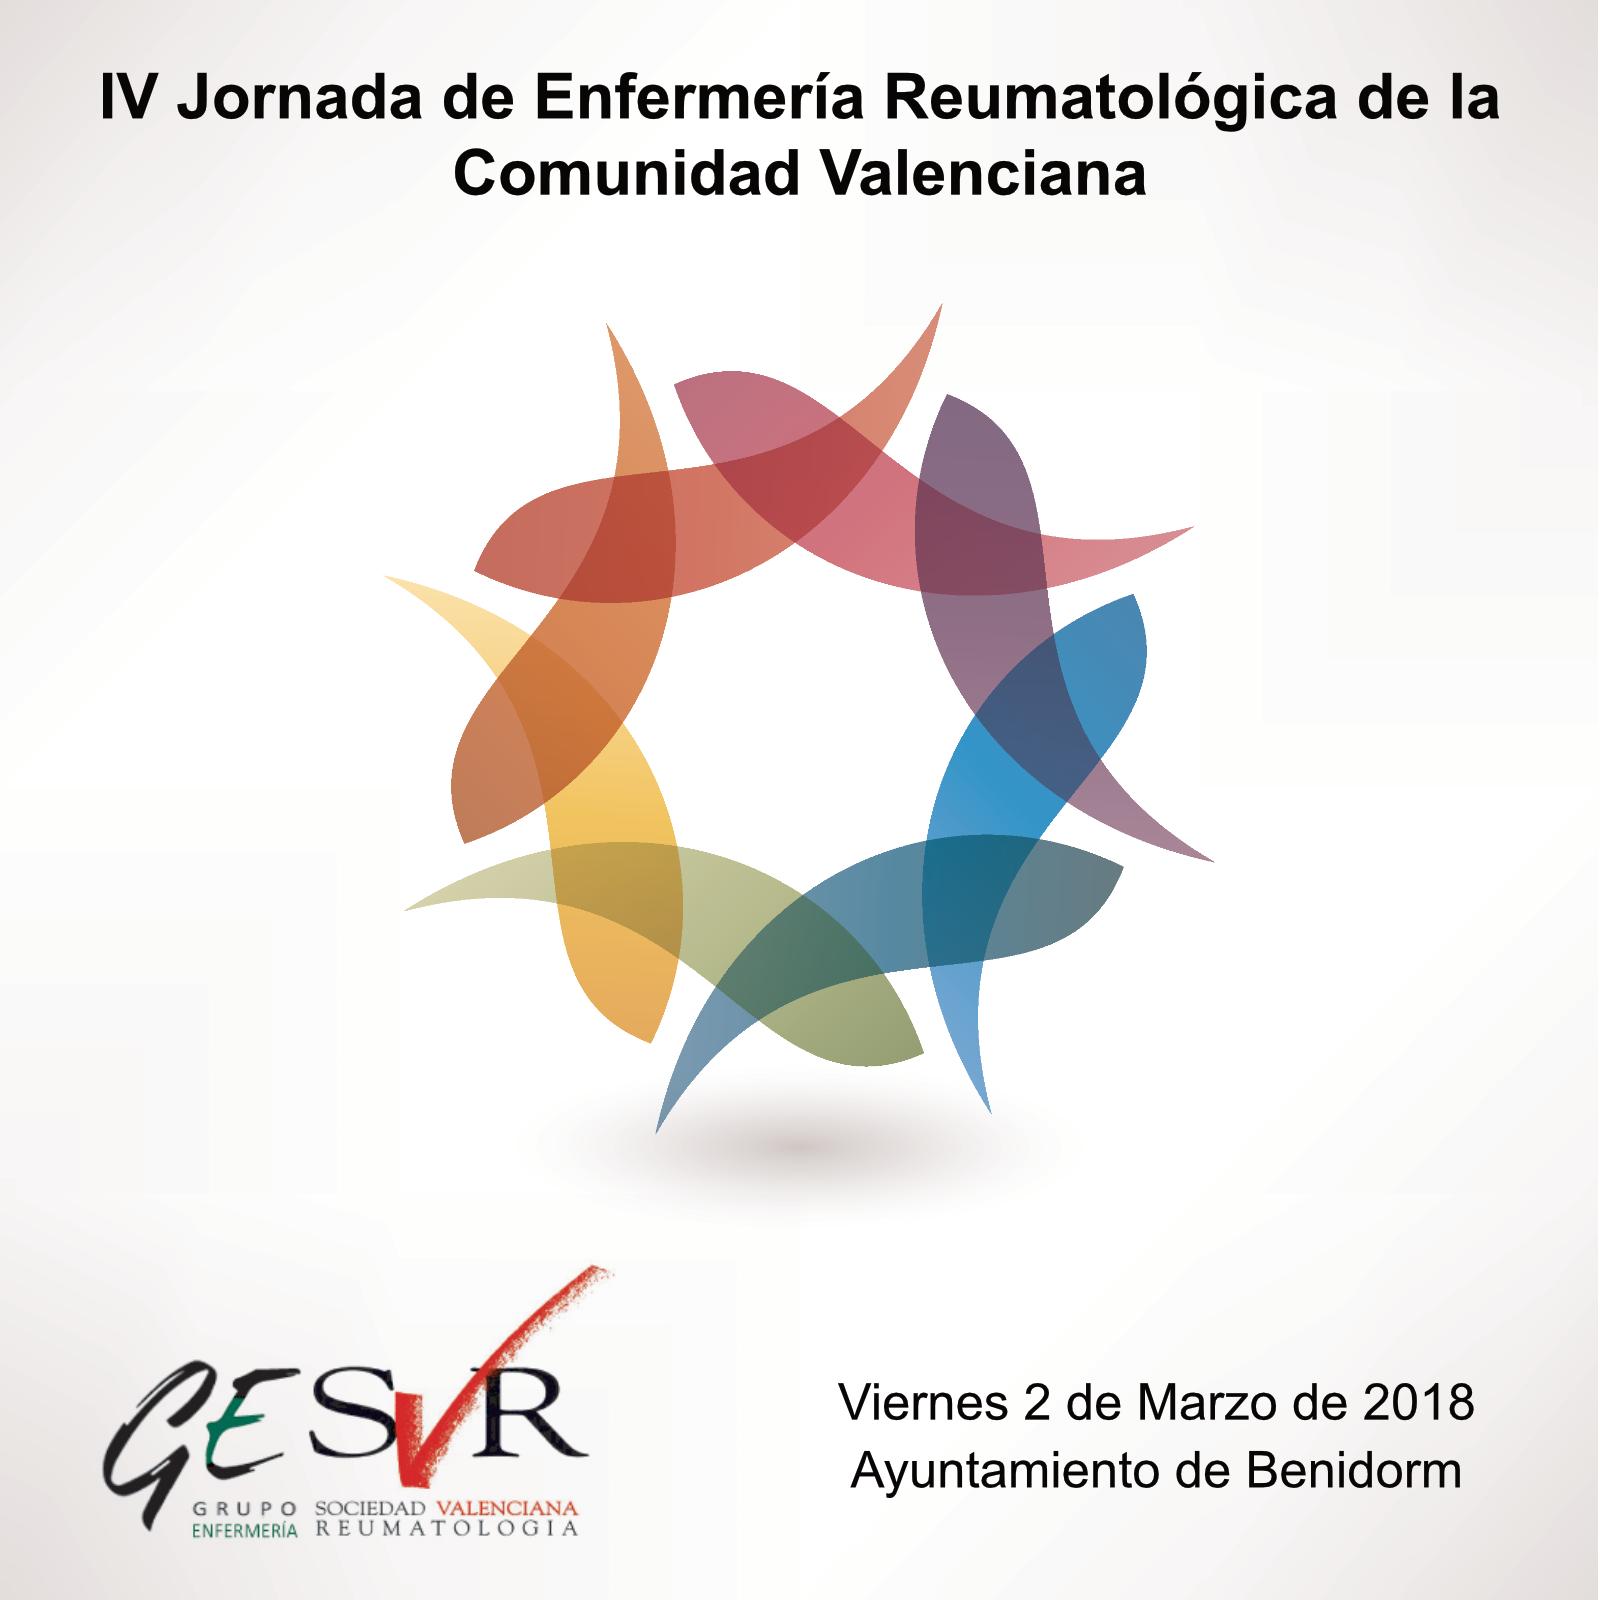 IV Jornada de Enfermería Reumatológica de la Comunidad Valenciana